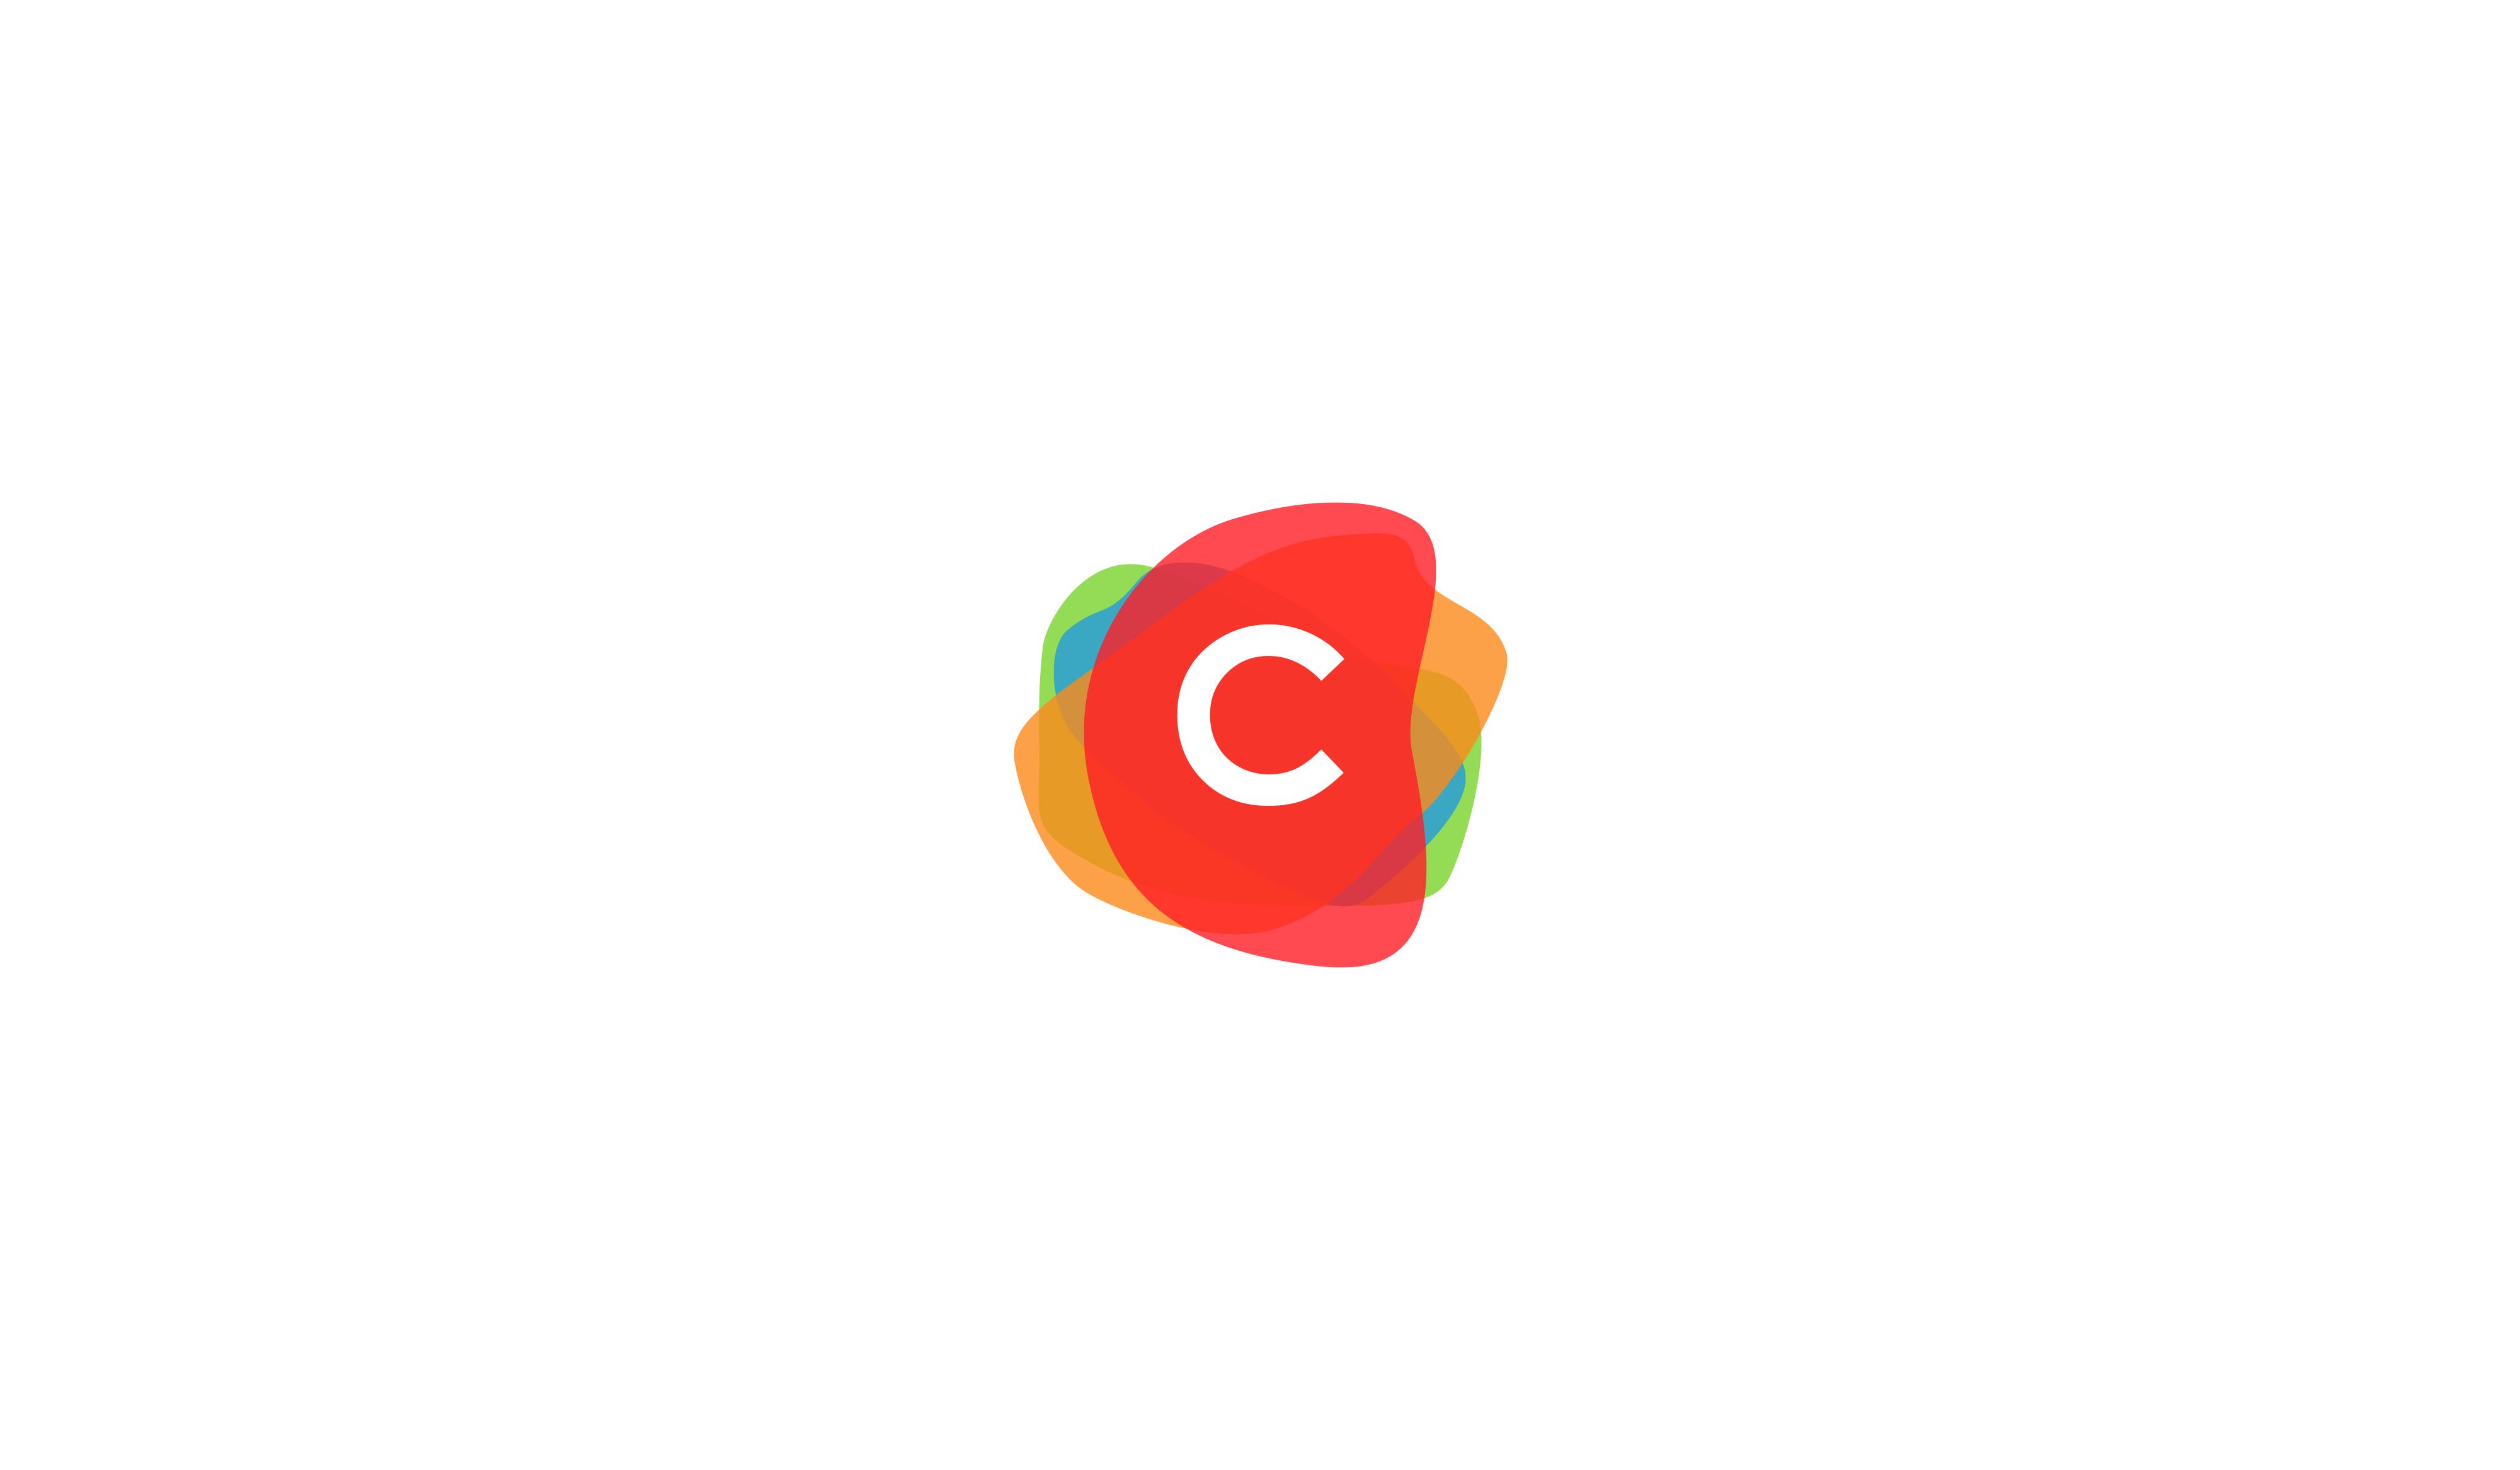 Разработка логотипа для творческого портала фото f_1815b5fd1ddd0c5d.jpg